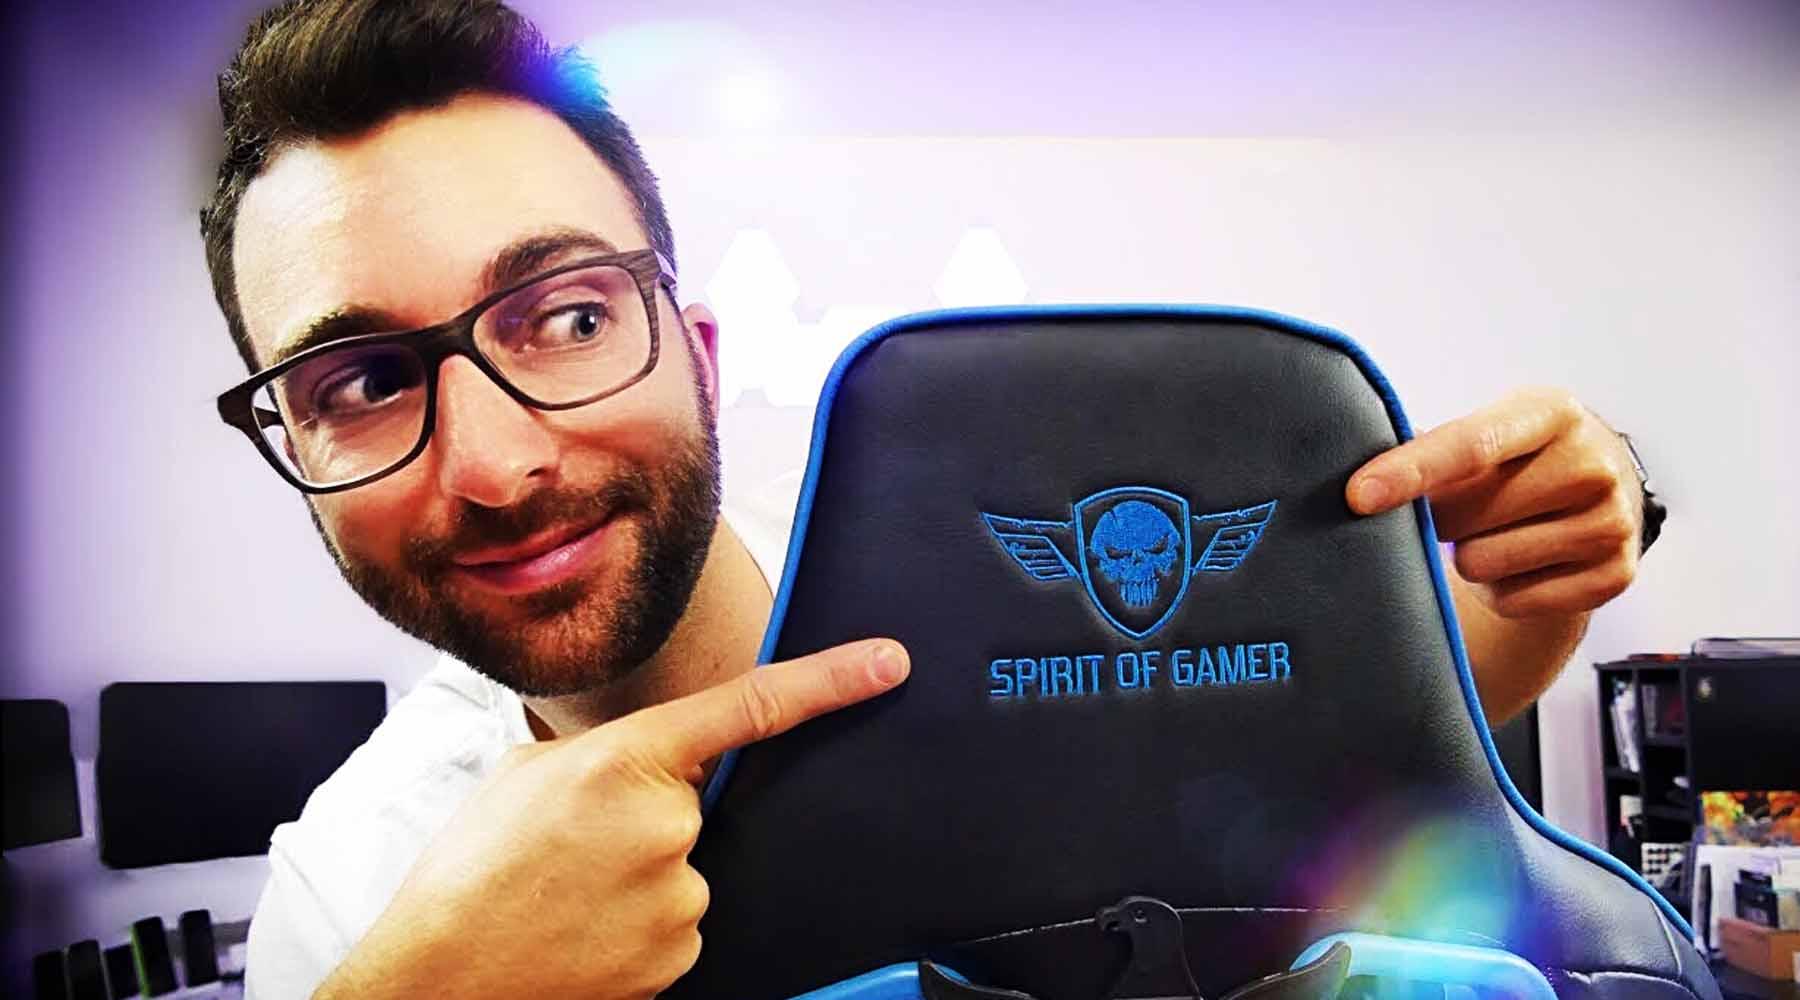 Spirit of Gamer Viper